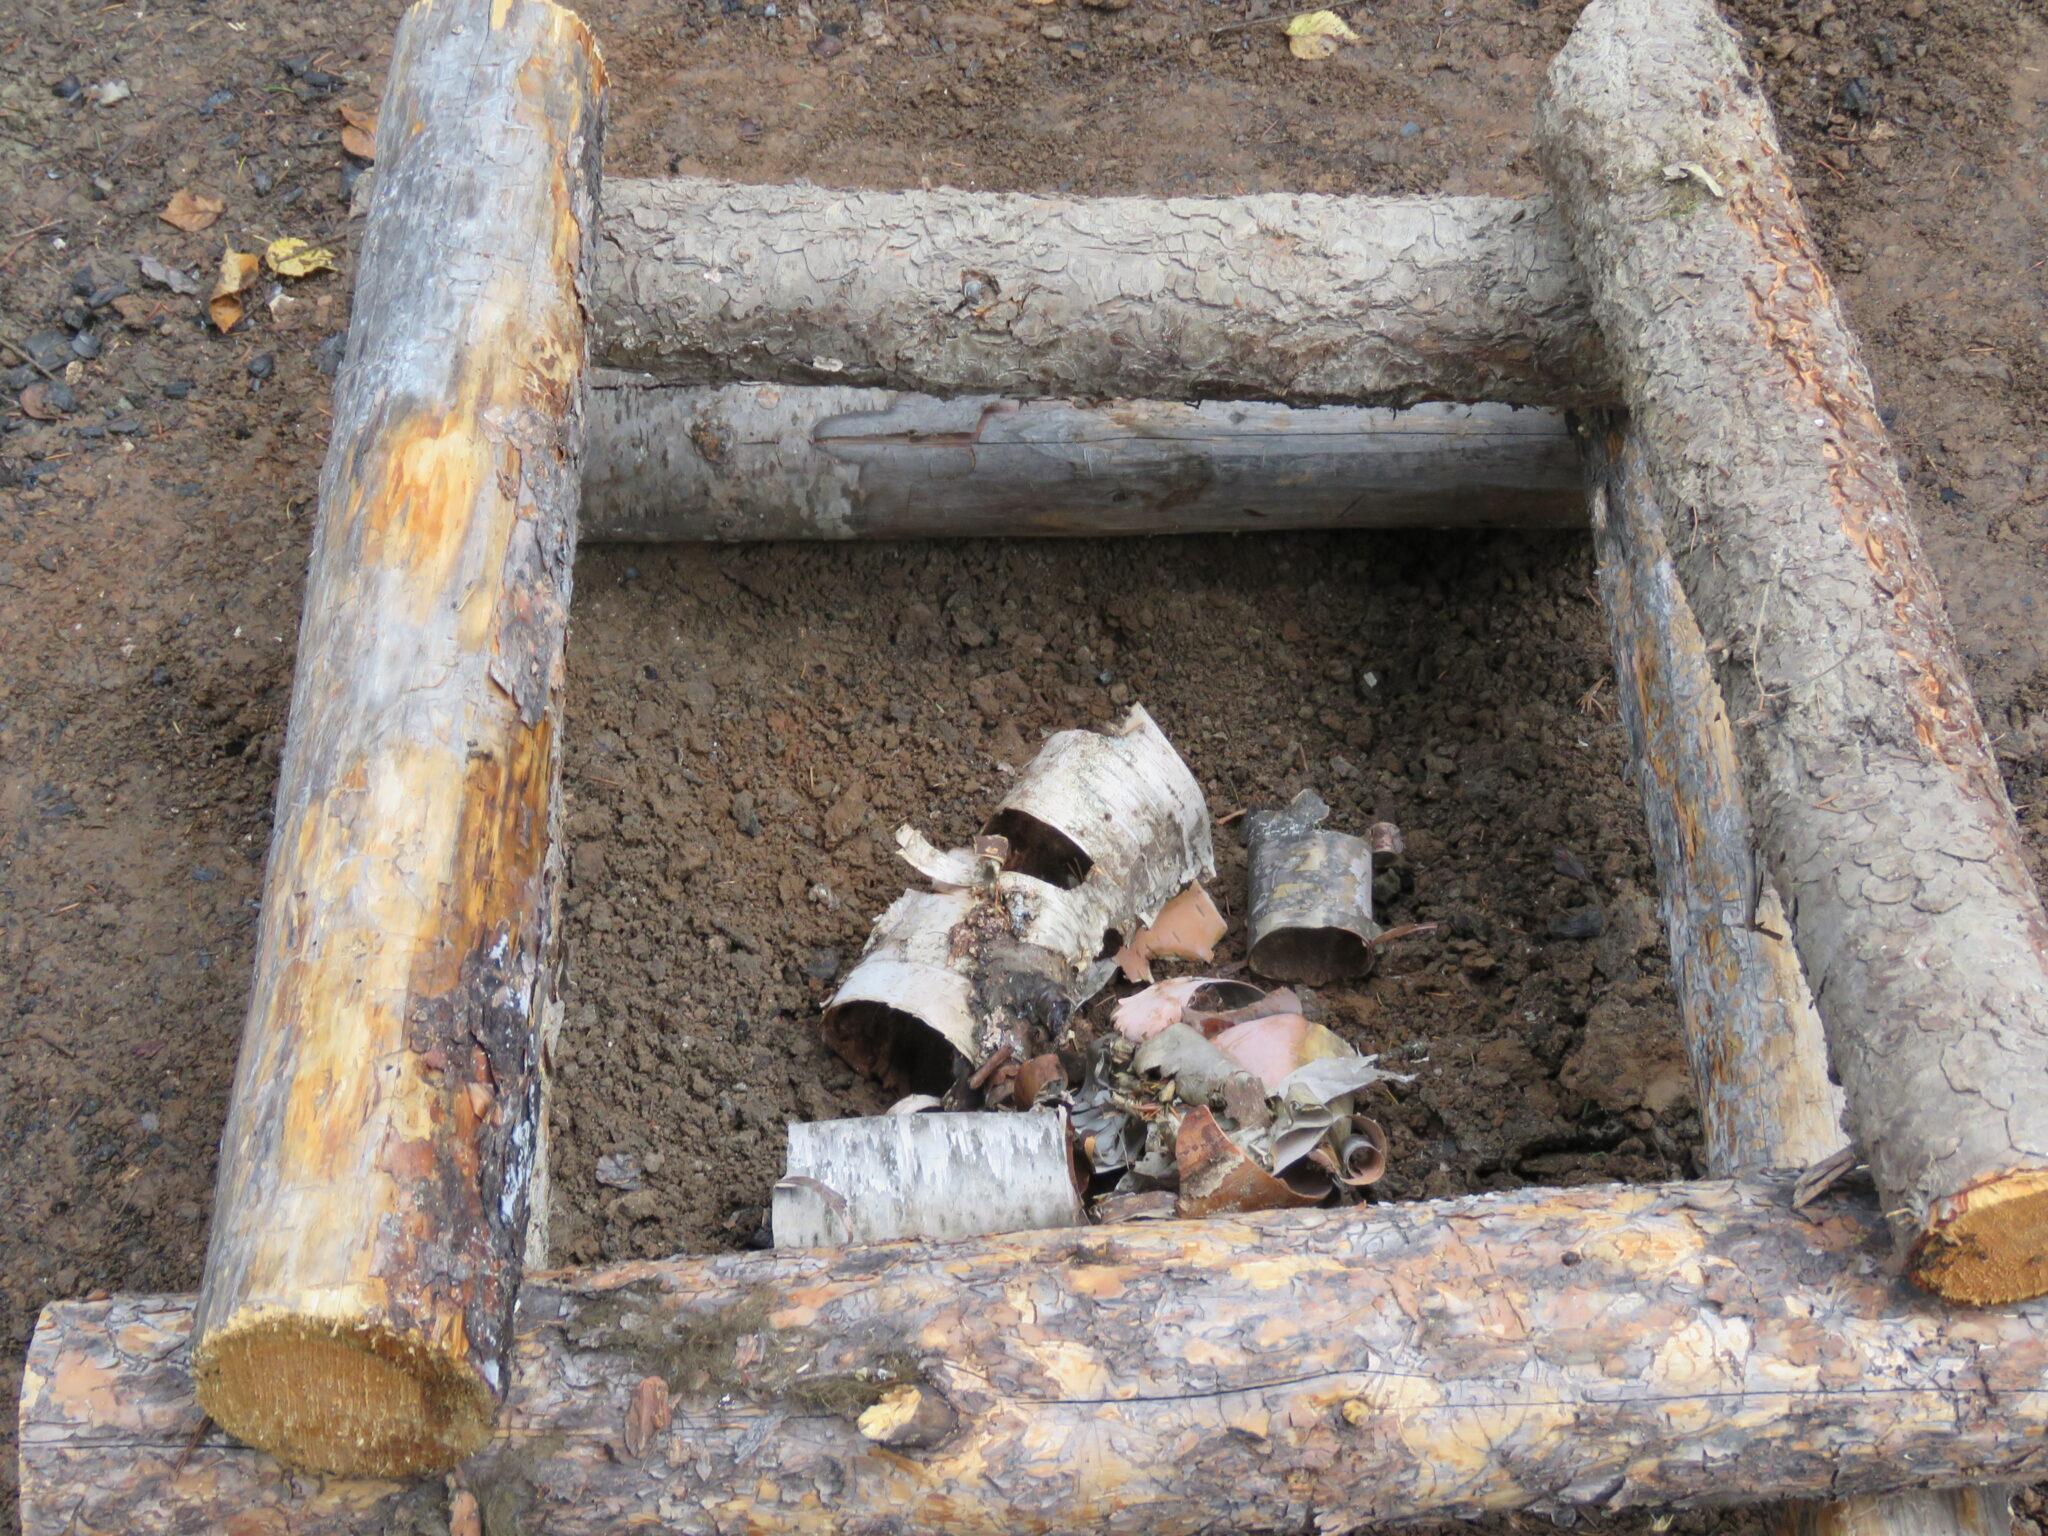 Feueraufbau für Schwitzhütte Kanada